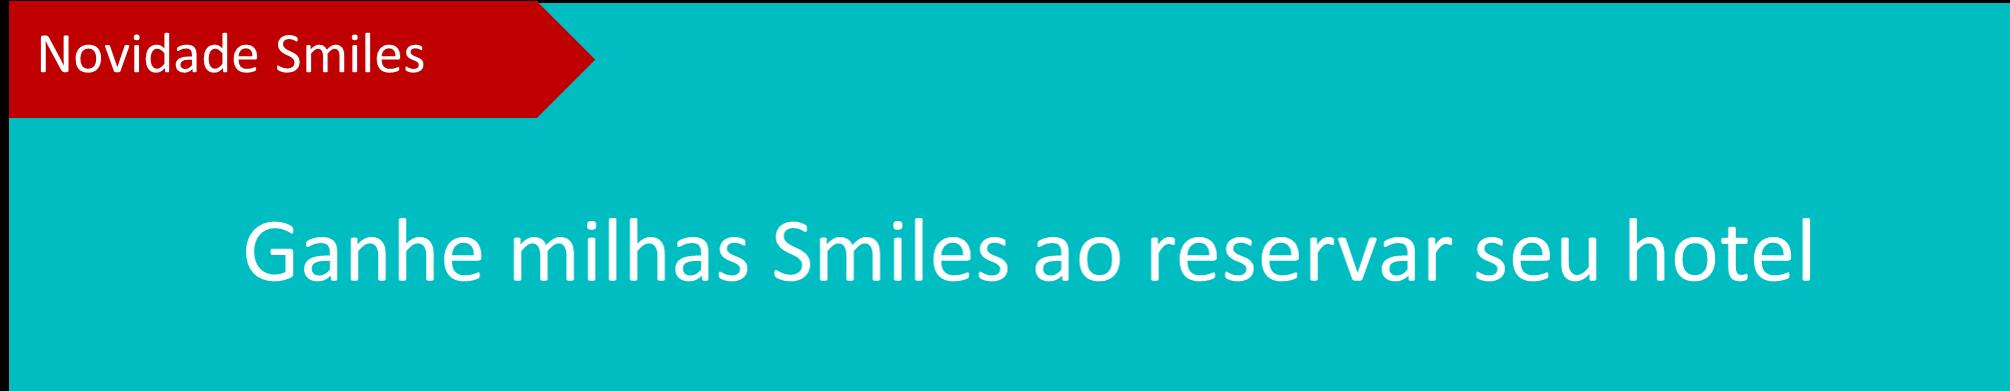 Como ganhar milhas Smiles ao reservar hotéis